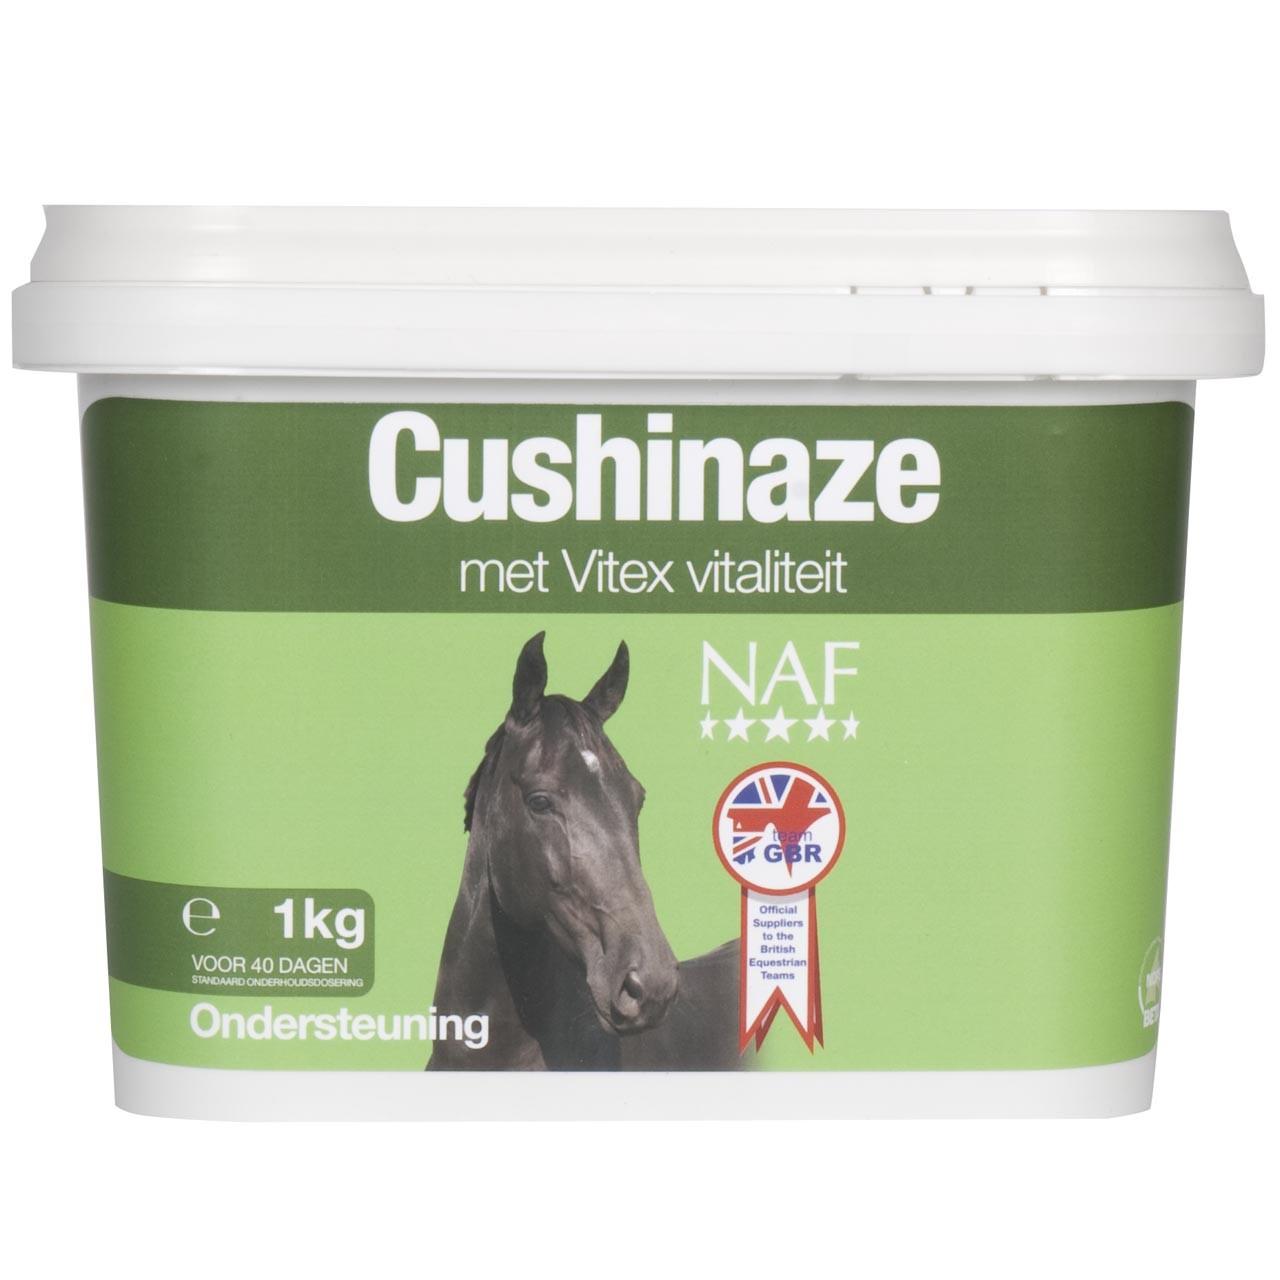 NAF Cushinaze horse